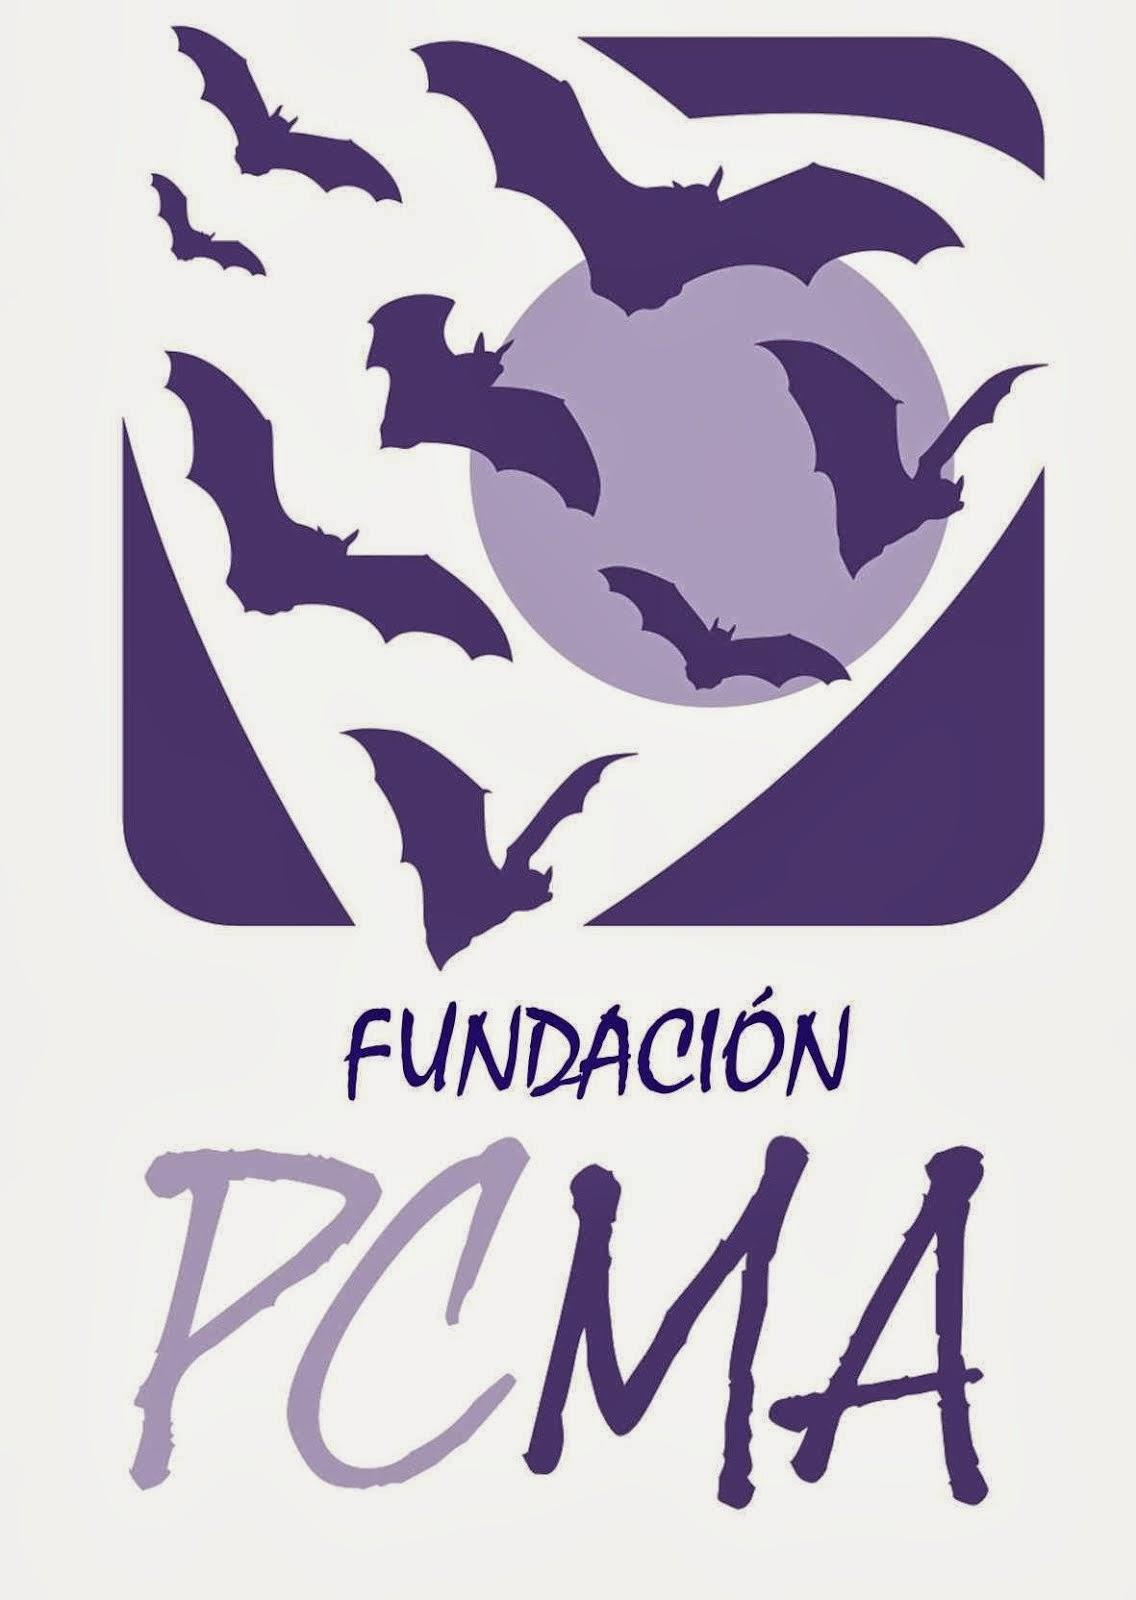 Fundación PCMA